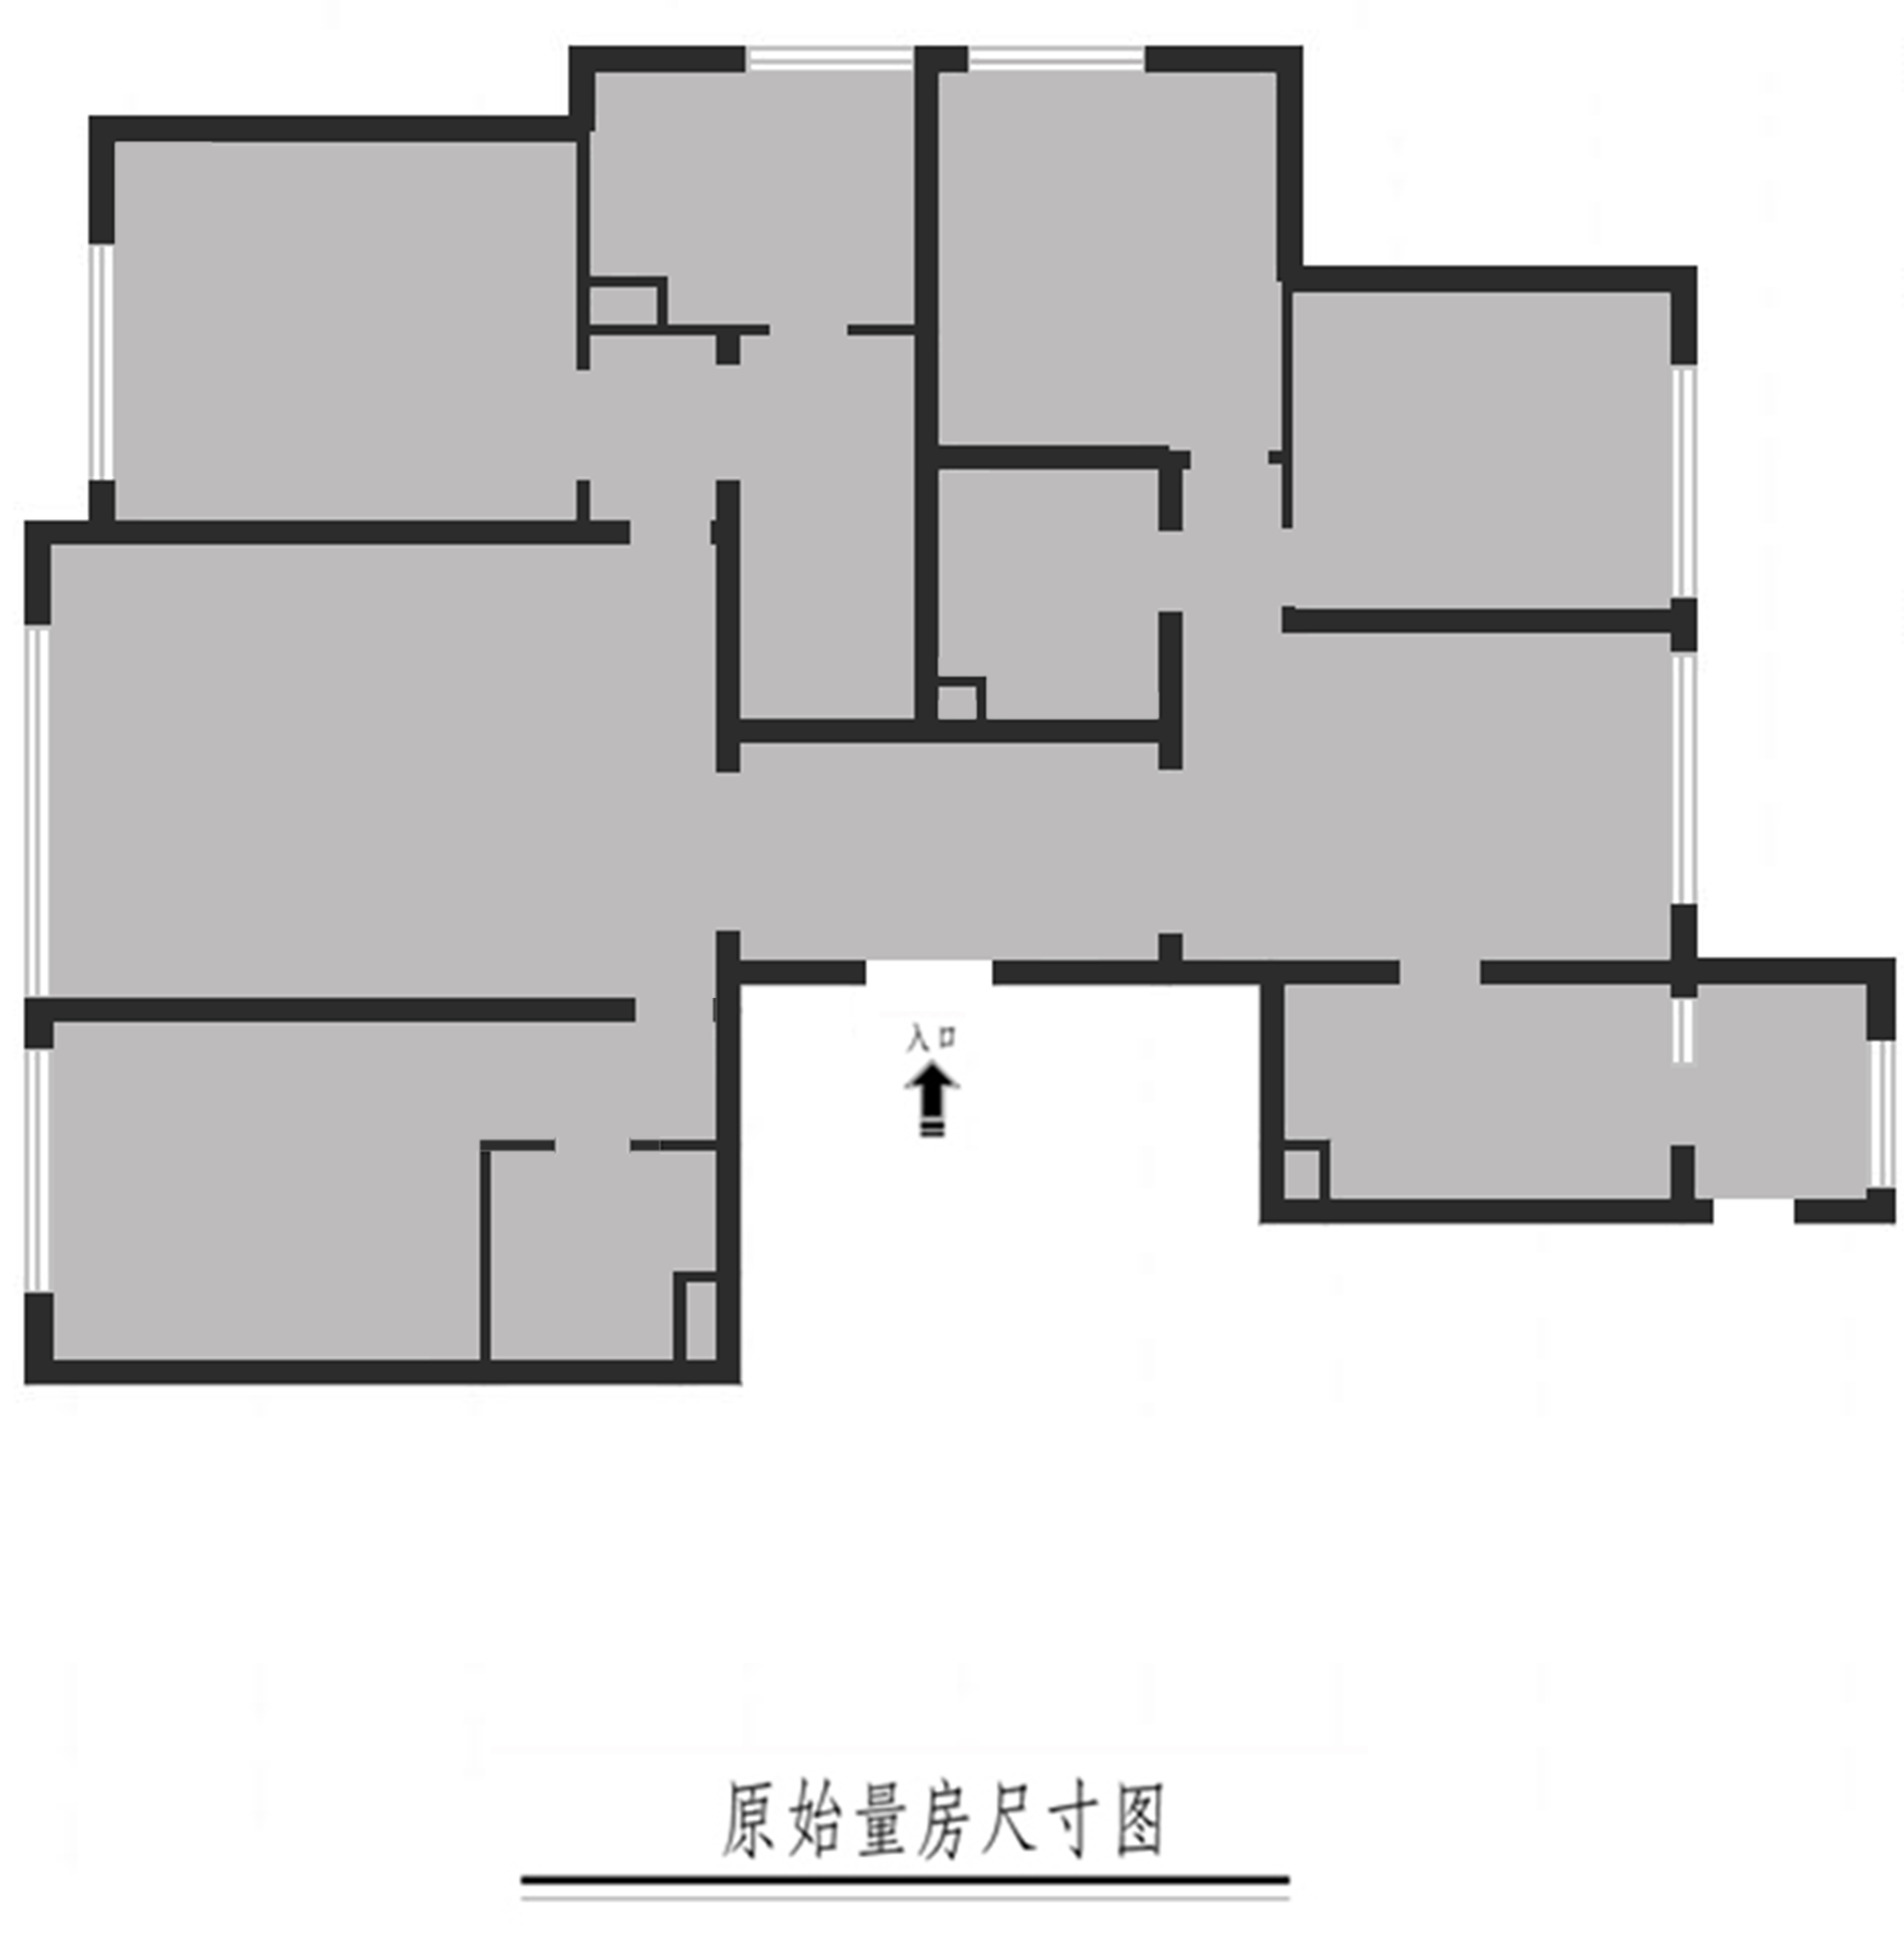 桃源里-现代简约-219平装修设计理念